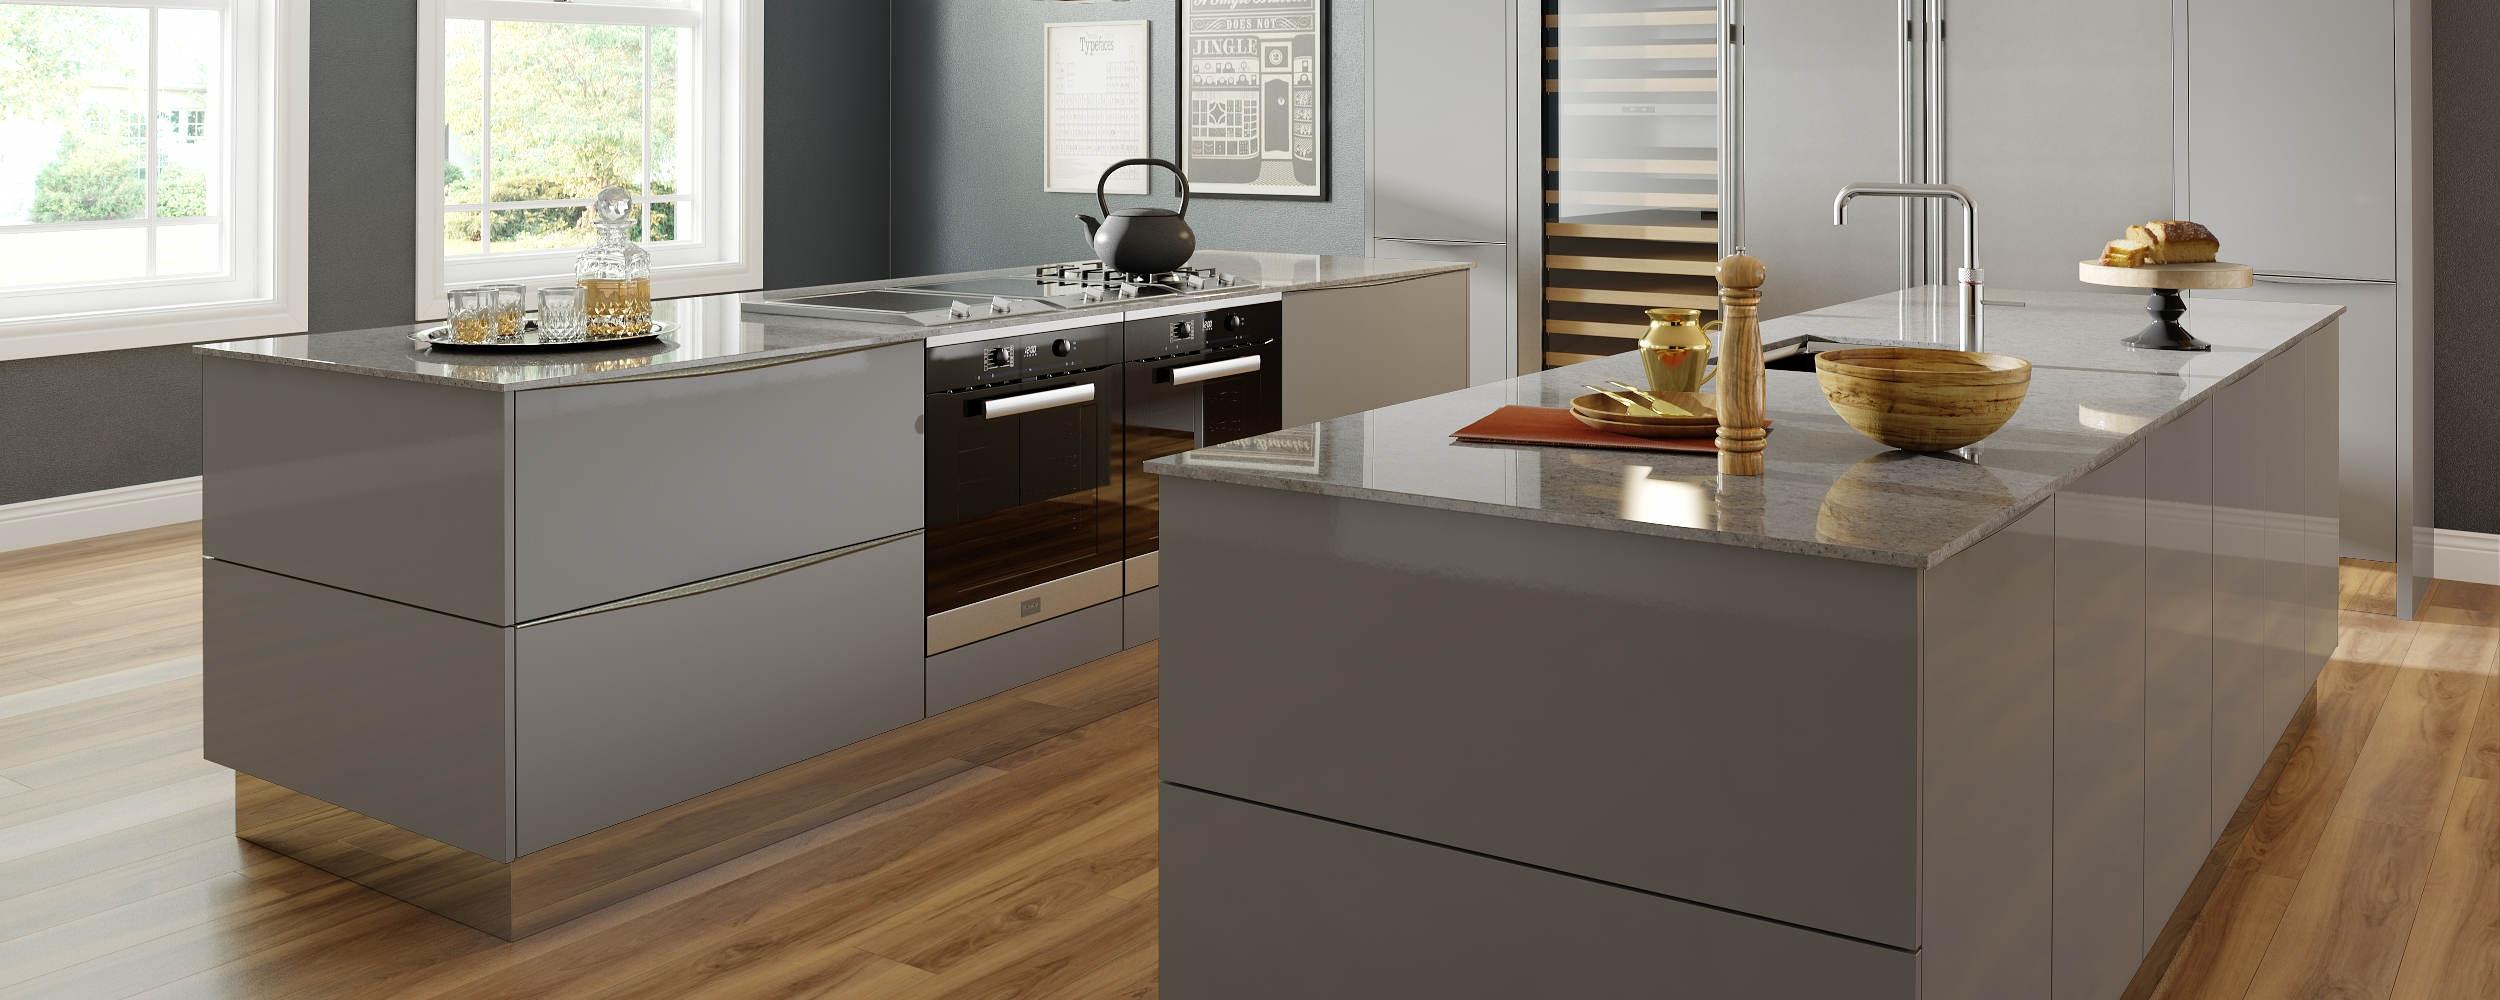 kitchen-design-edinburgh